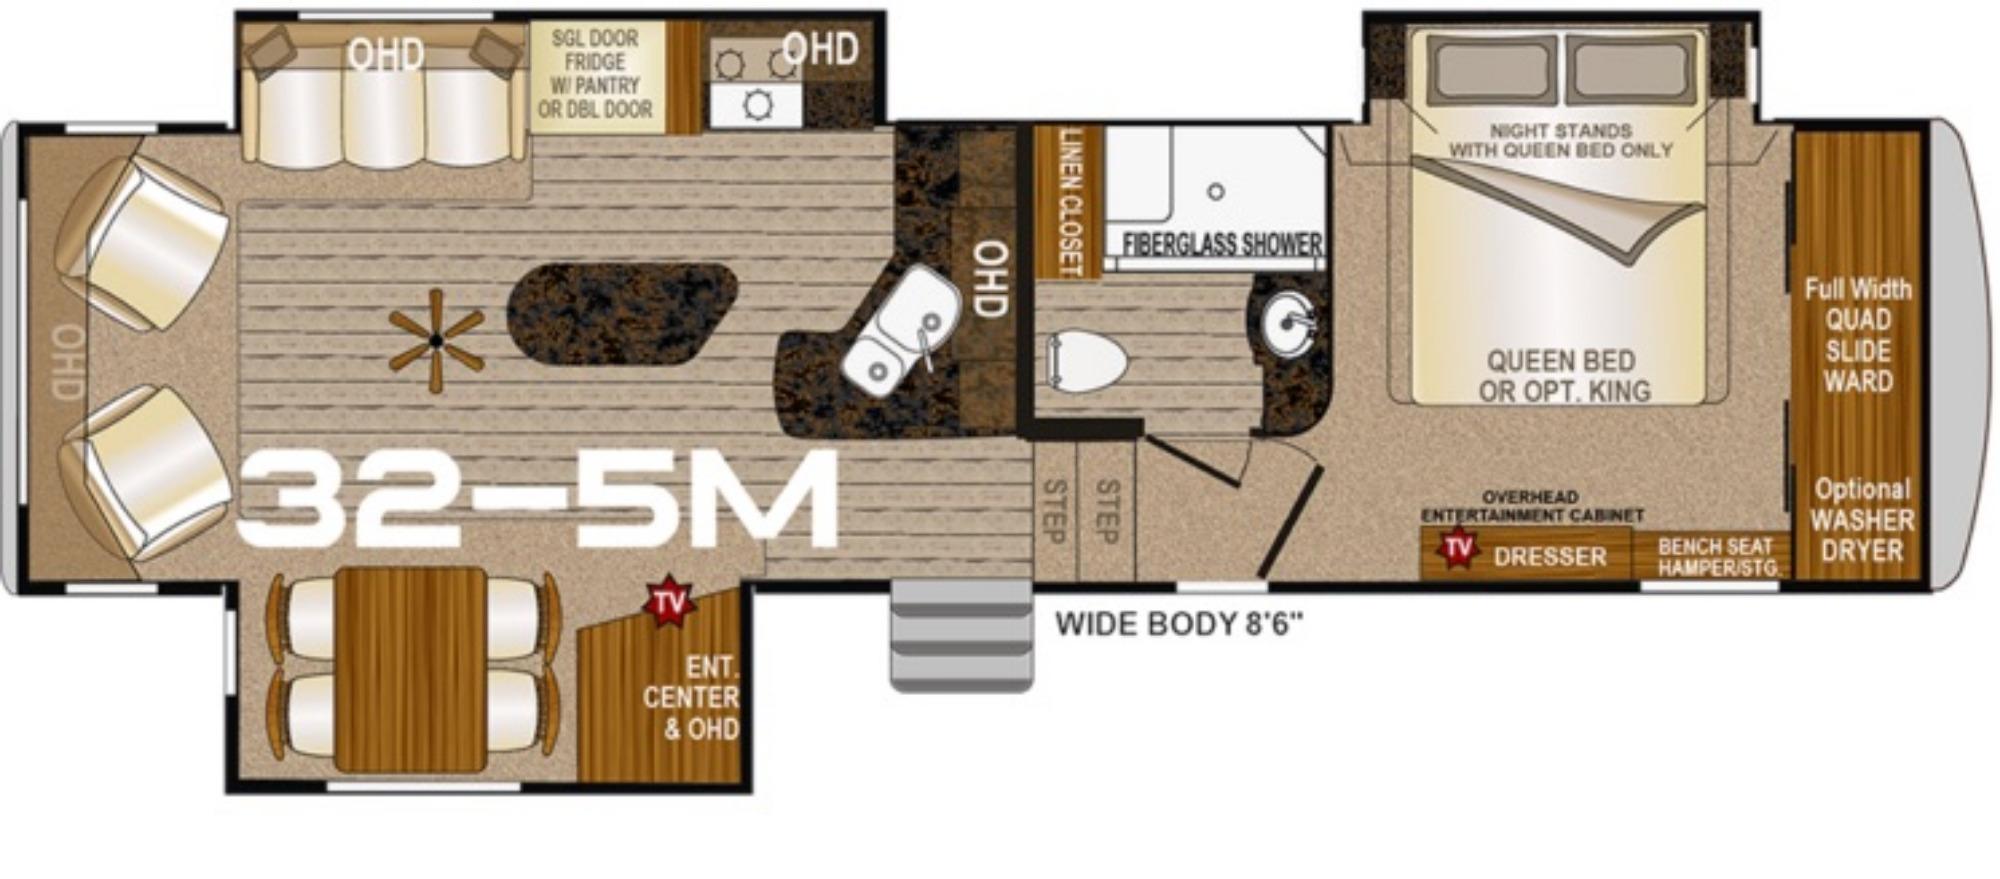 View Floor Plan for 2021 NORTHWOOD ARCTIC FOX GRANDE RONDE 32-5M